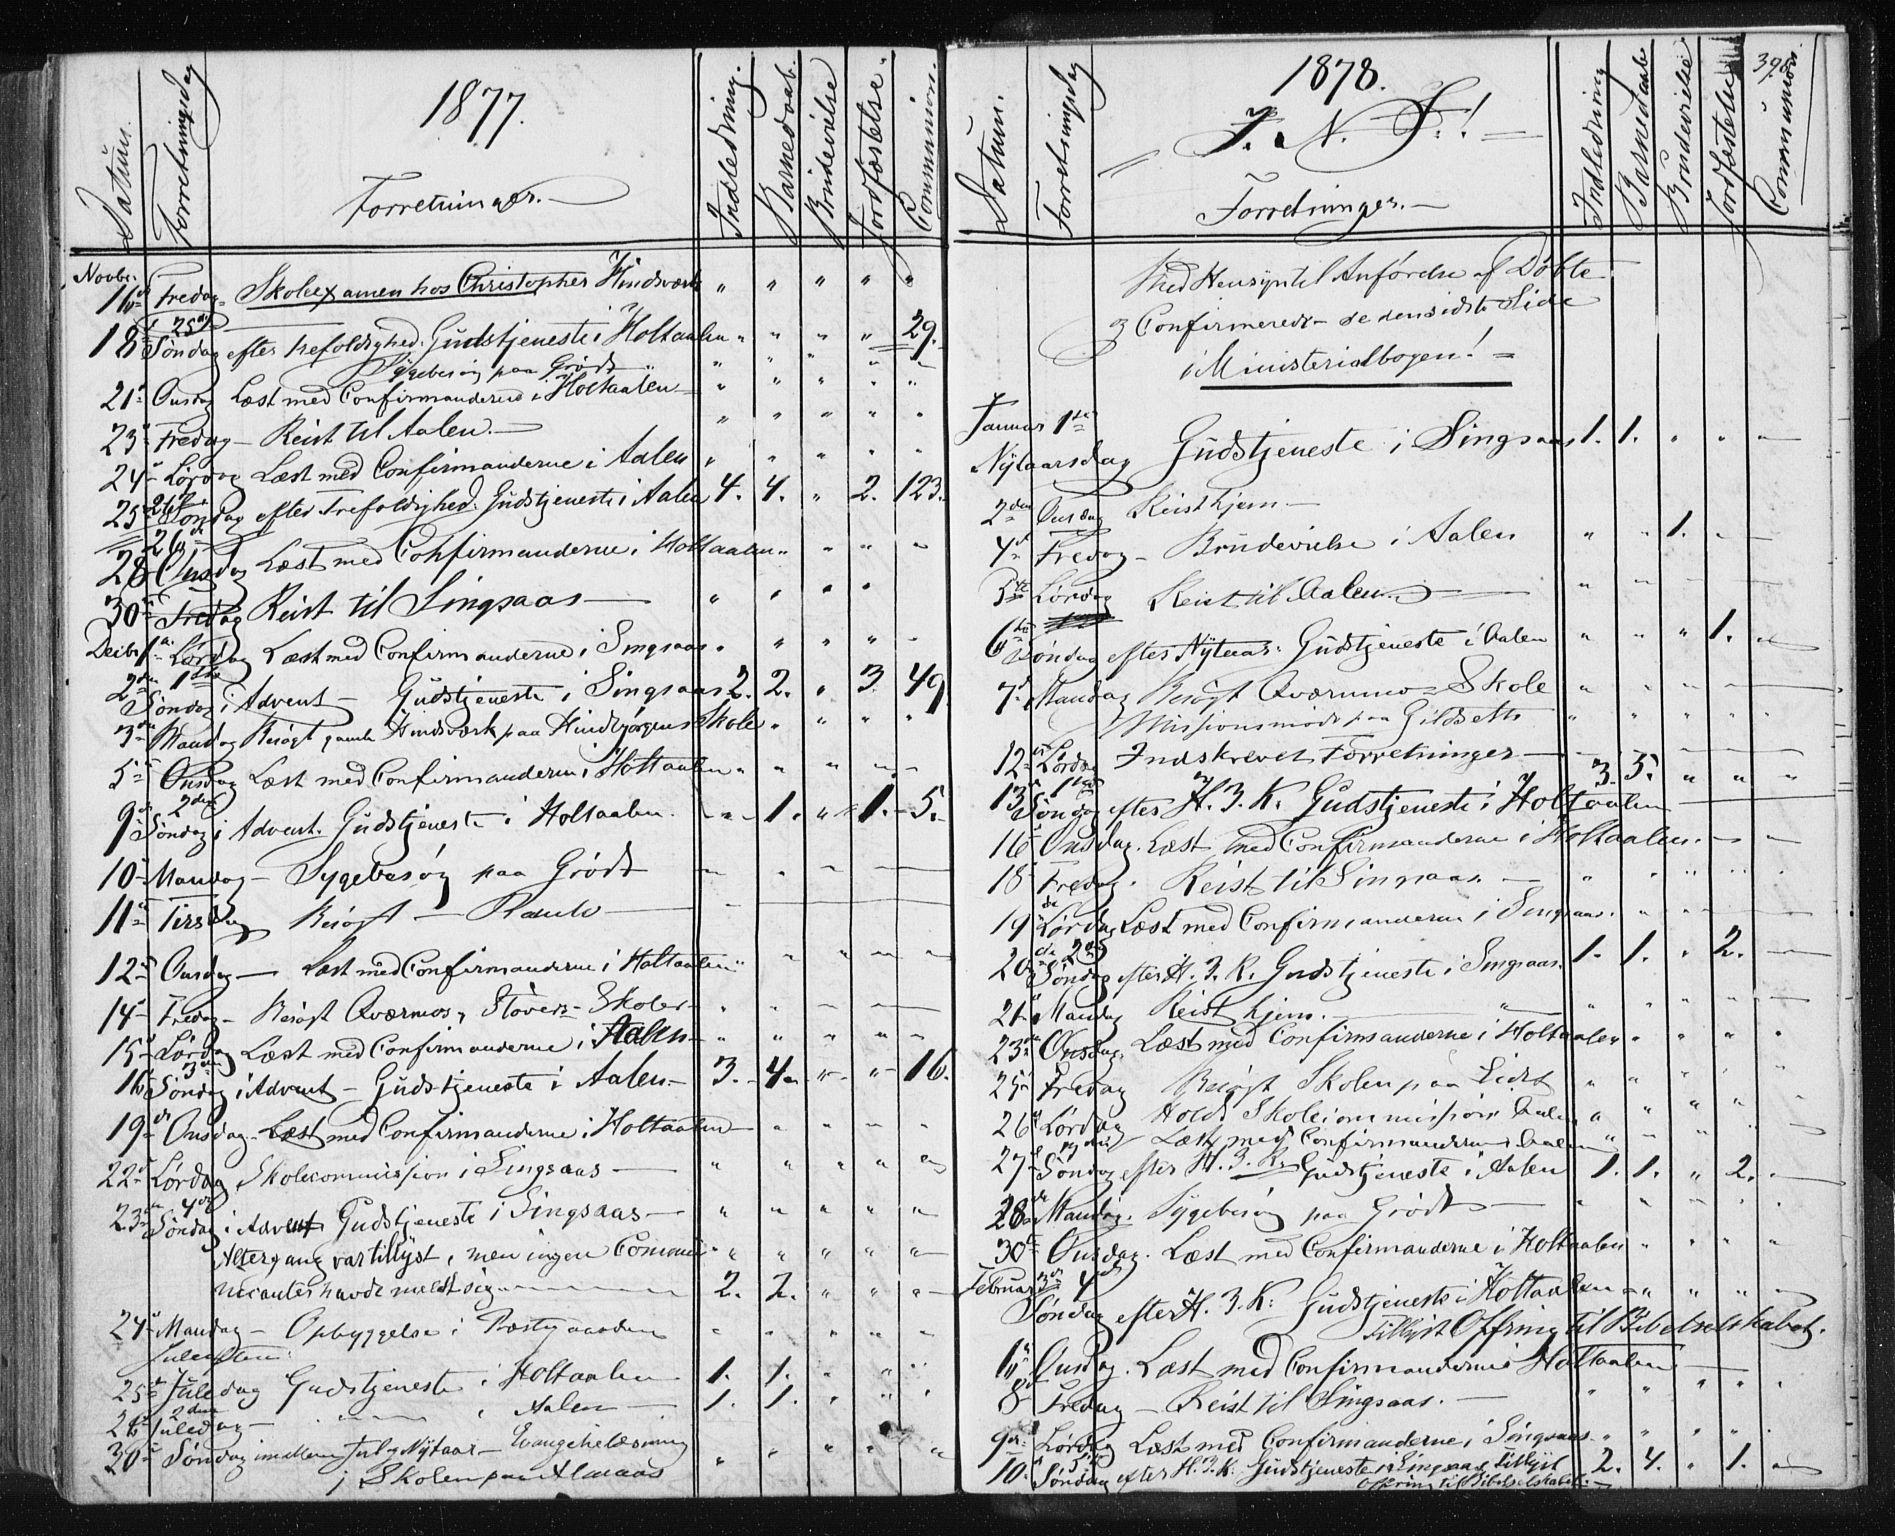 SAT, Ministerialprotokoller, klokkerbøker og fødselsregistre - Sør-Trøndelag, 685/L0969: Ministerialbok nr. 685A08 /1, 1870-1878, s. 396